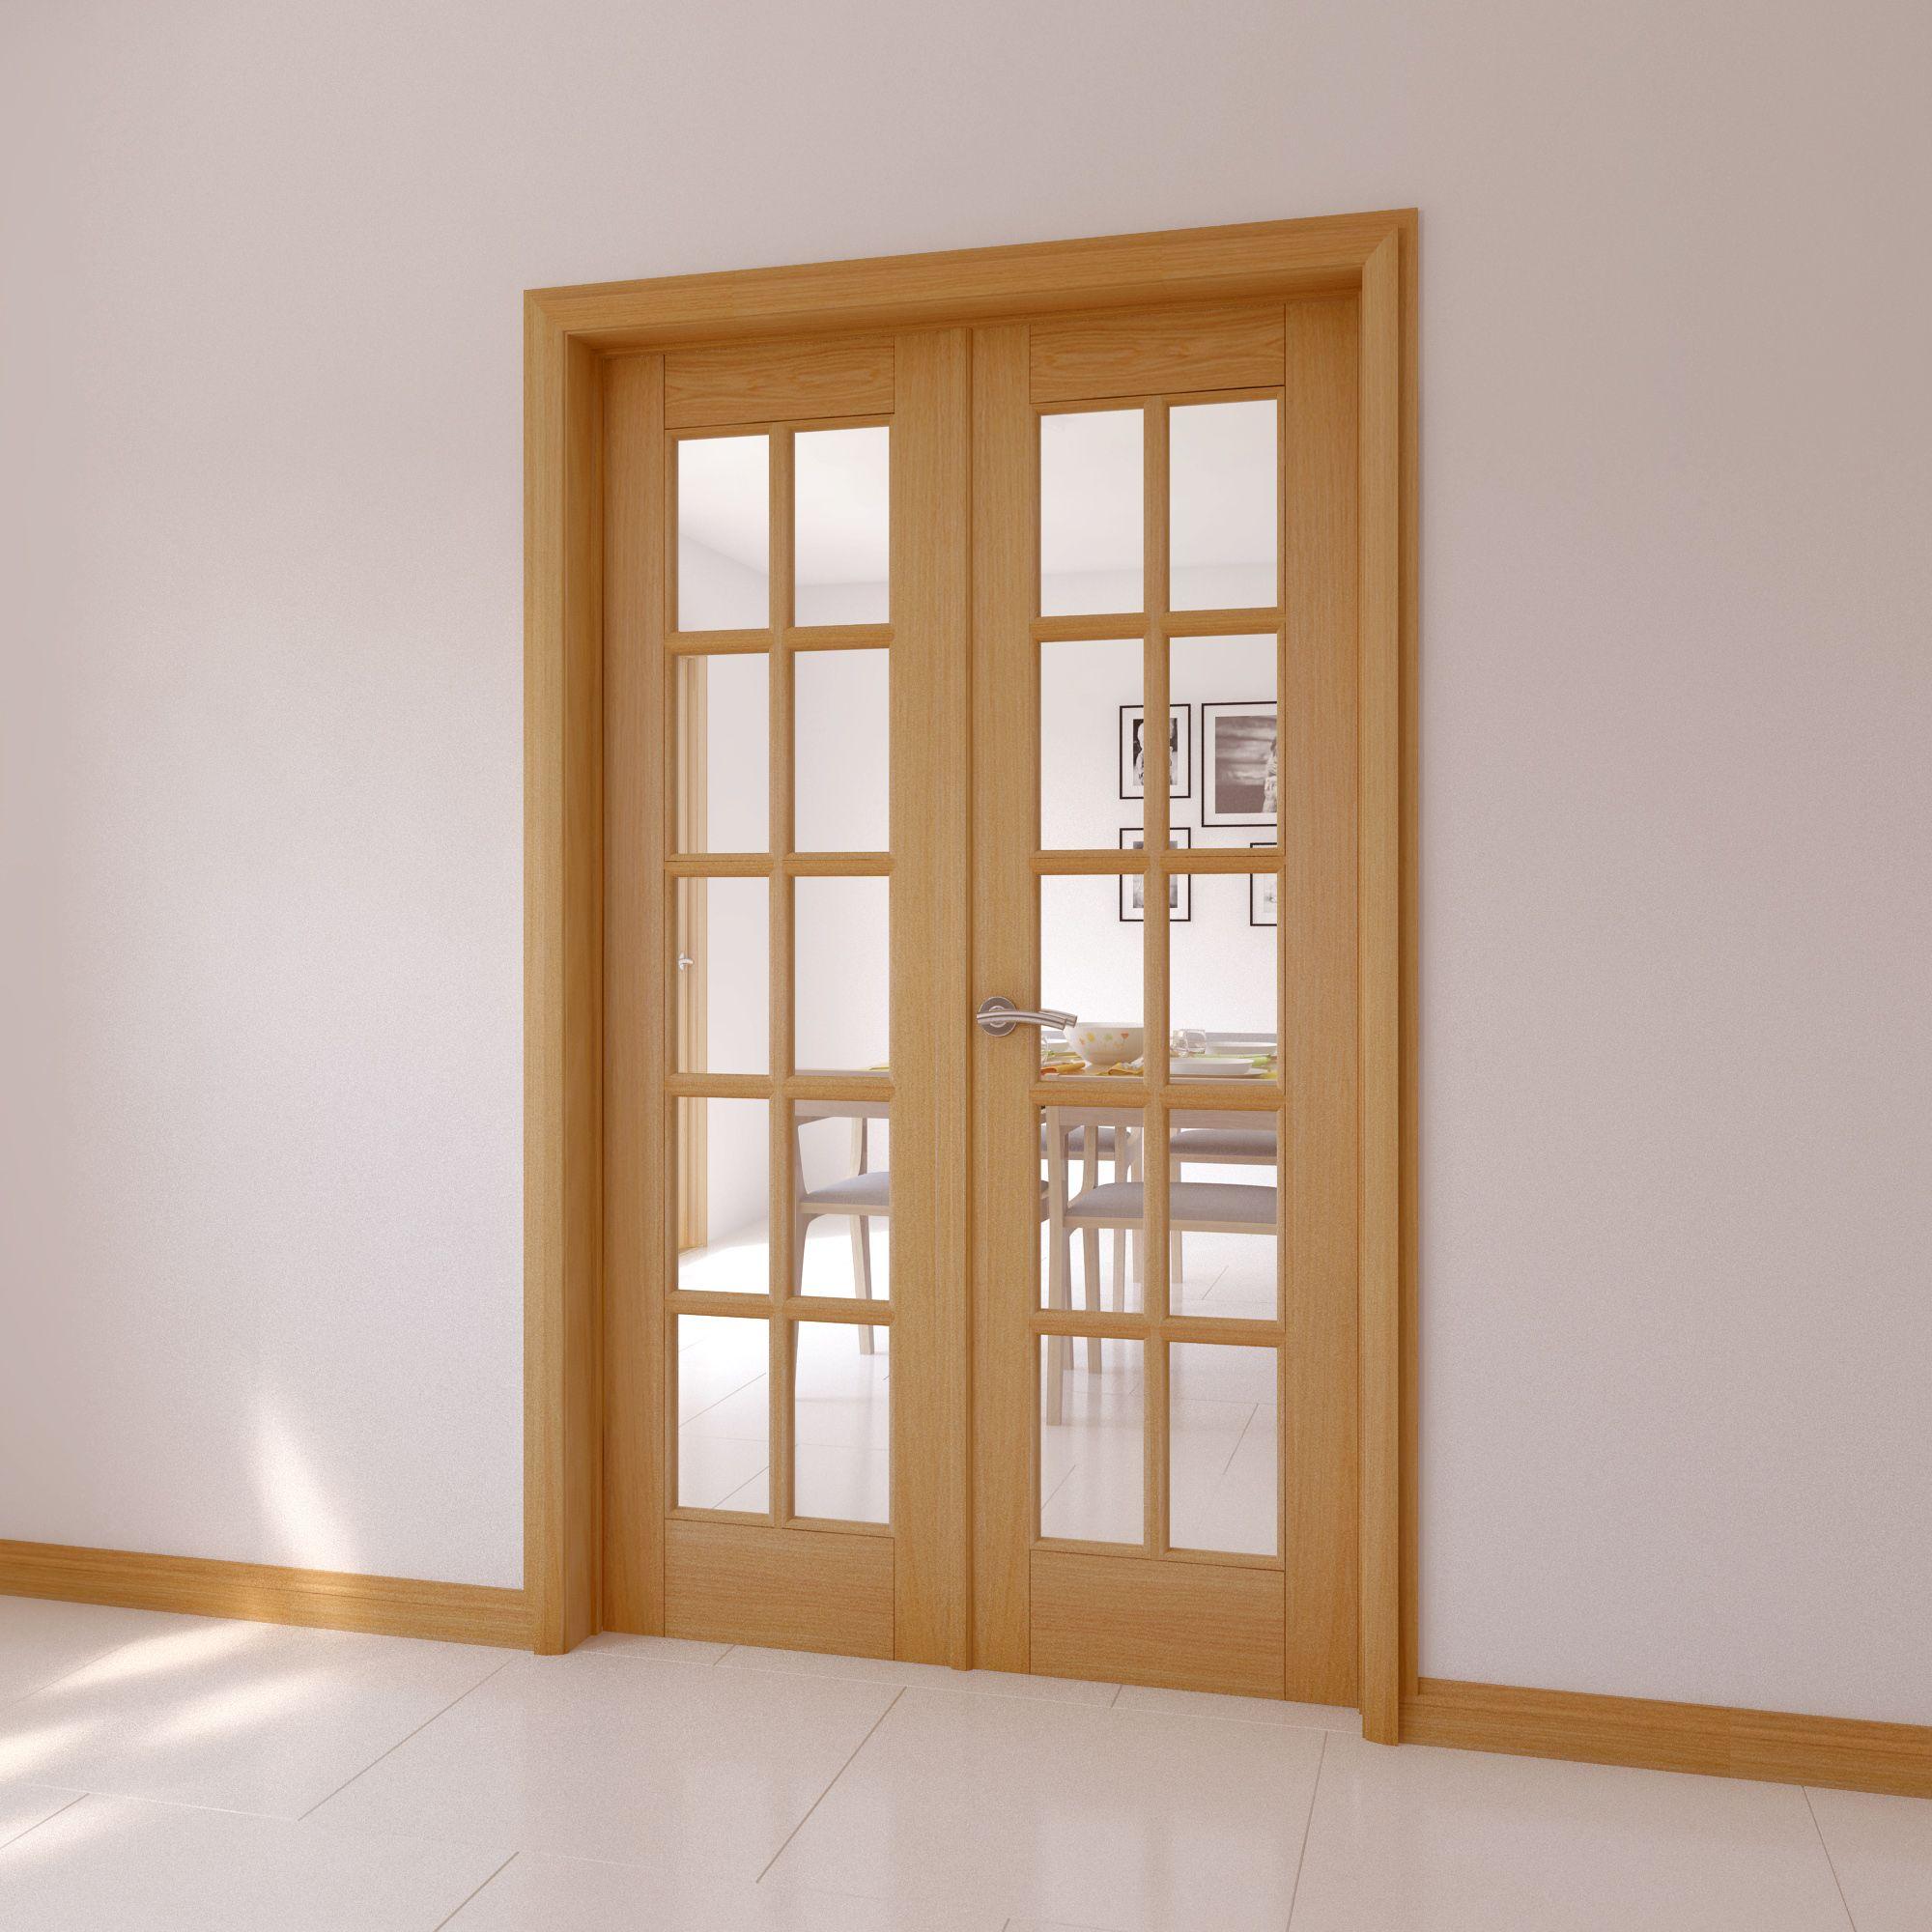 Interior Door Diy Ideas: French Doors Interior Diy